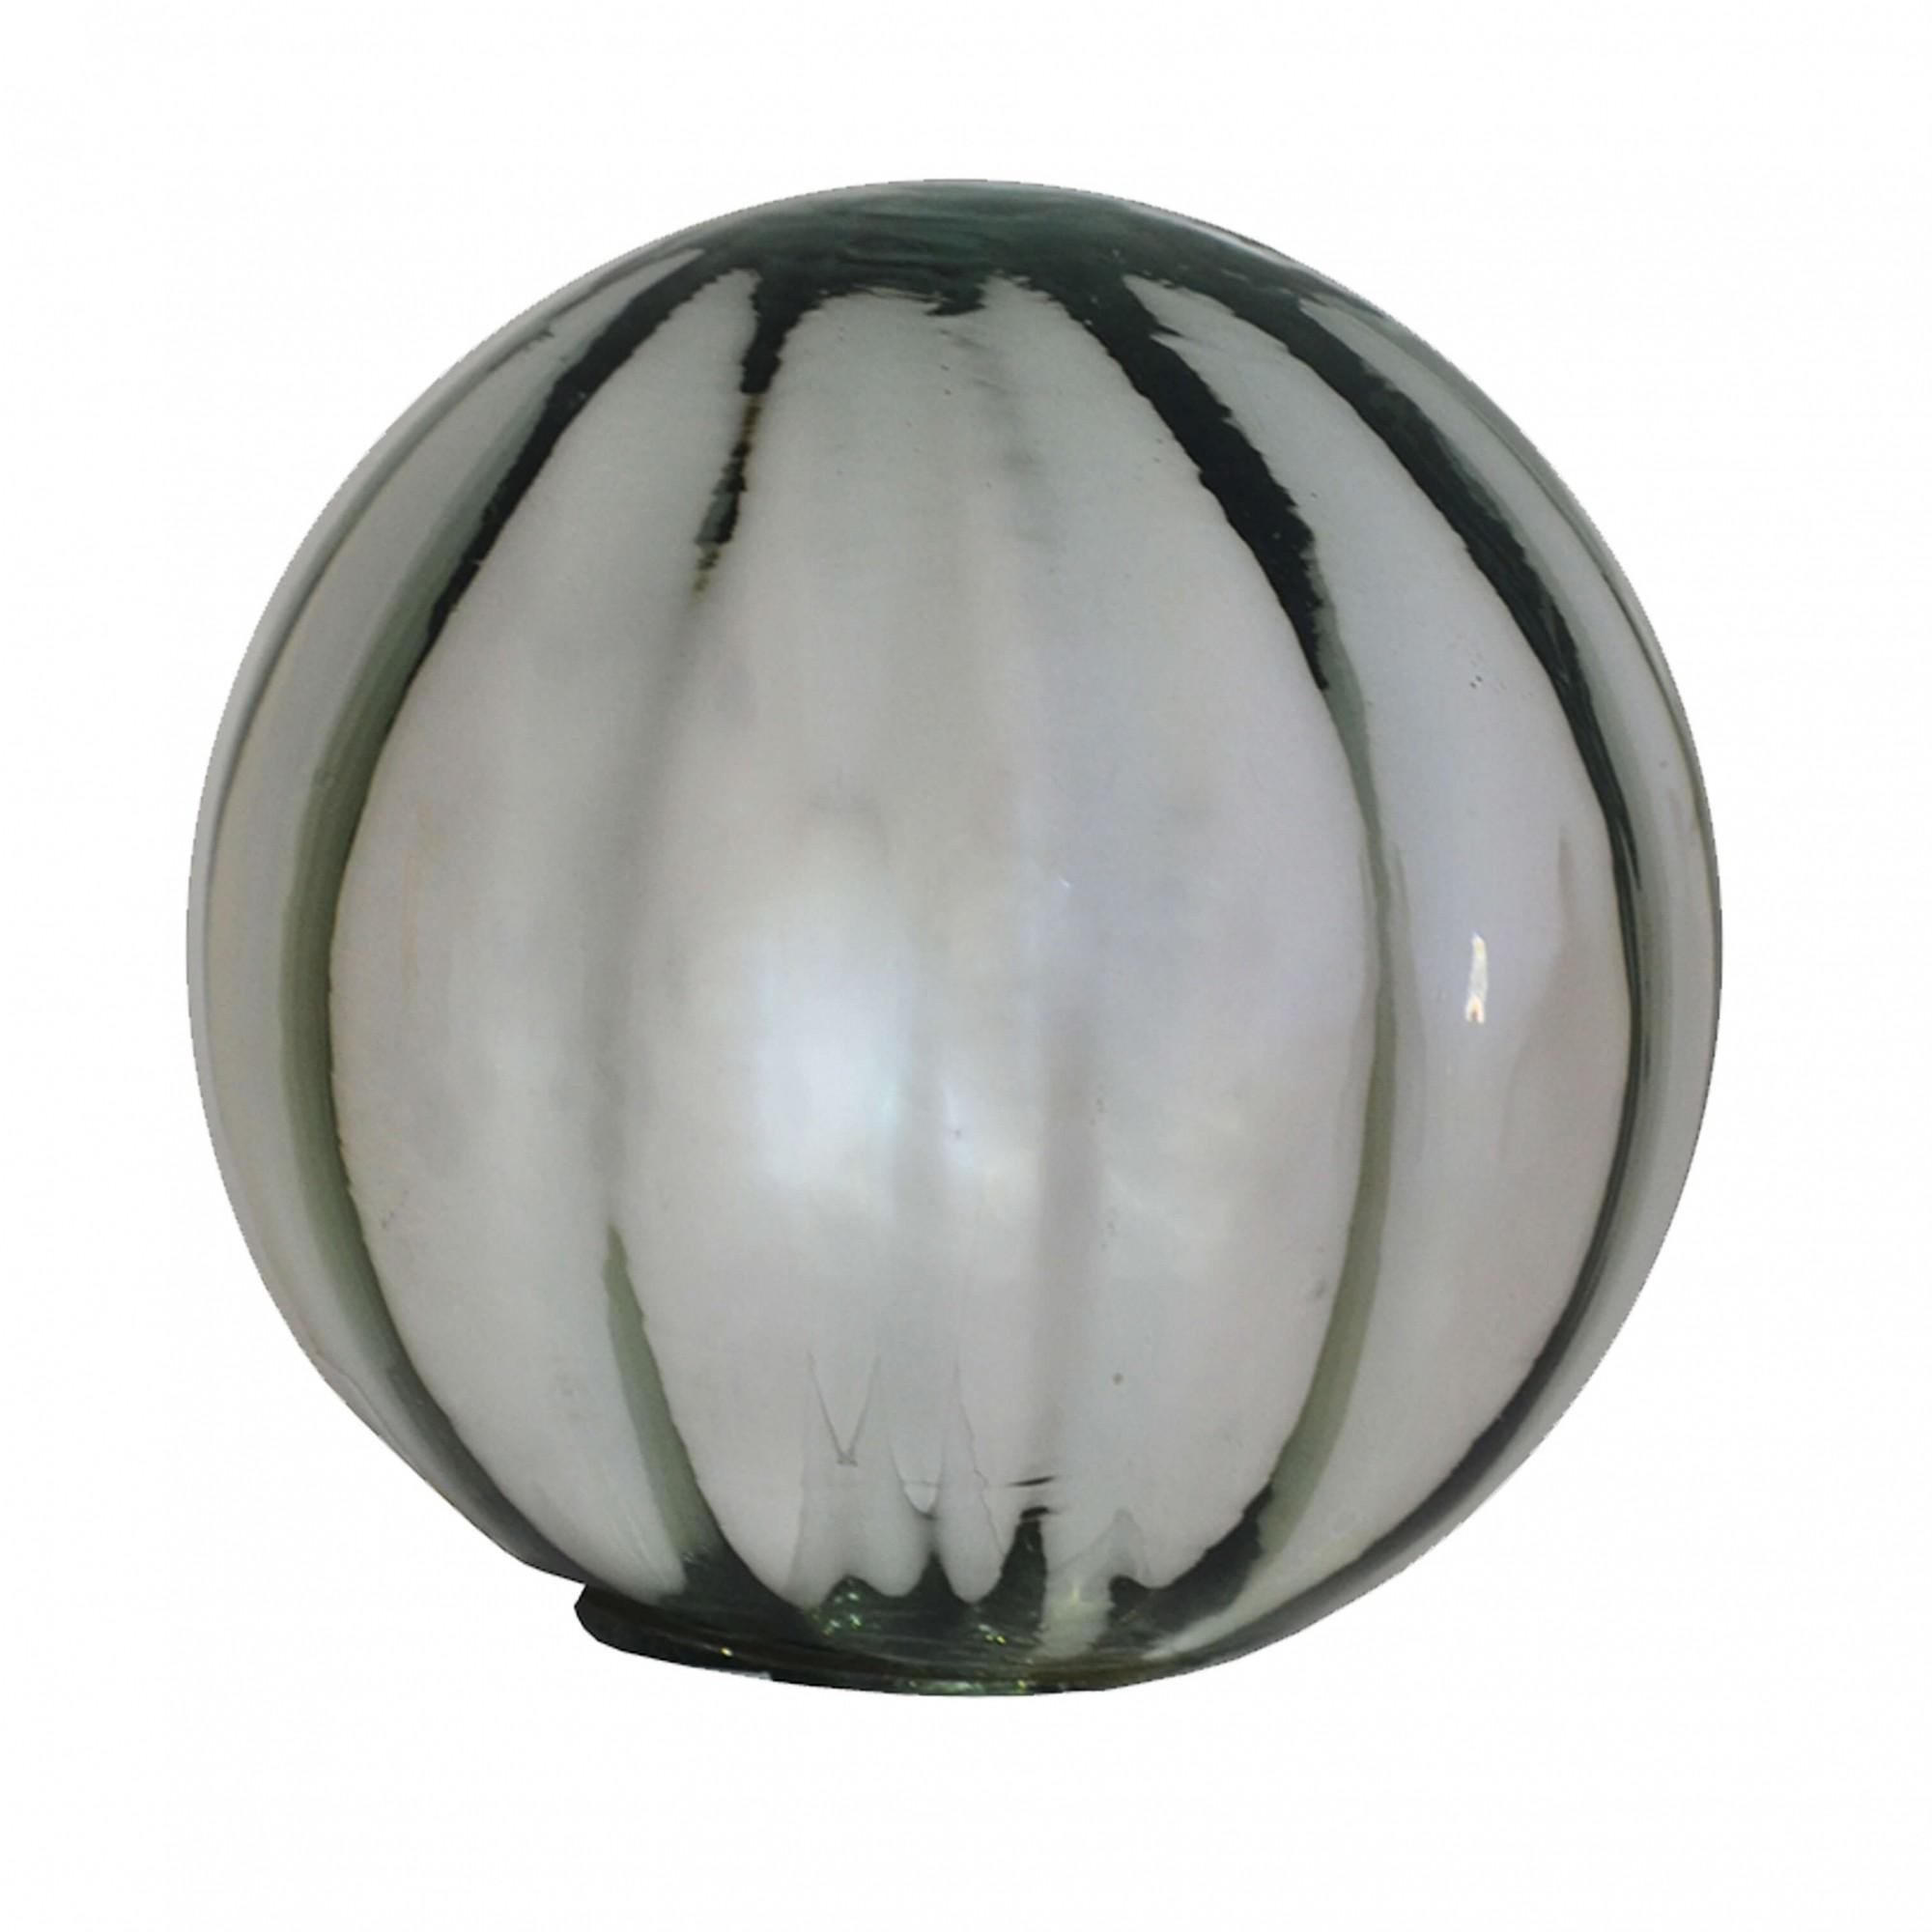 Bola Decorativa em Vidro Espelhado Prata